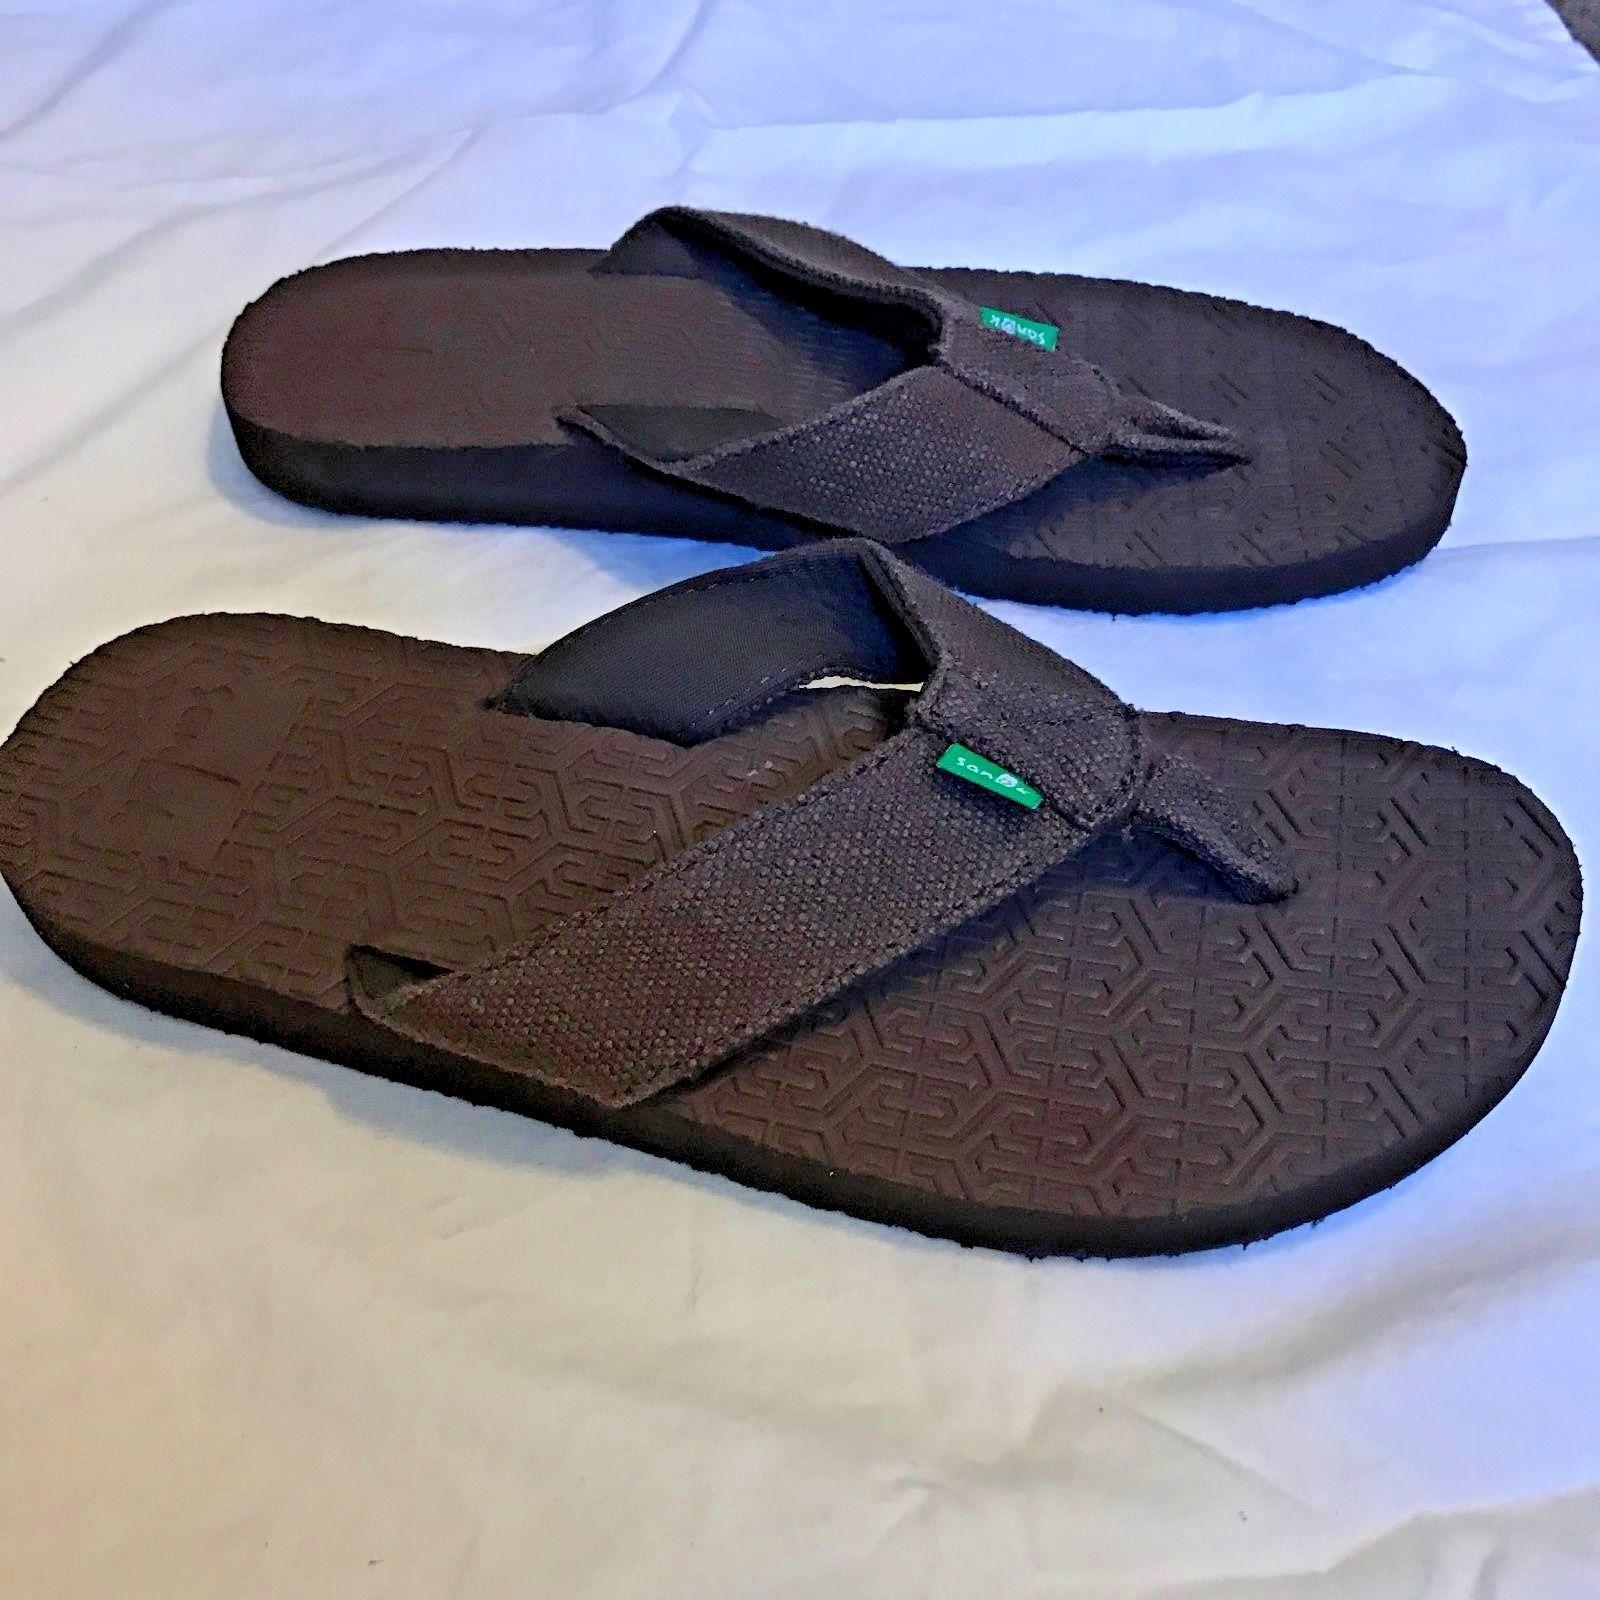 fb718927db99d SANUK Flip Flops OG SQUOOSH - BROWN - Men's - 9 - Thong Sandal Shoes - NEW